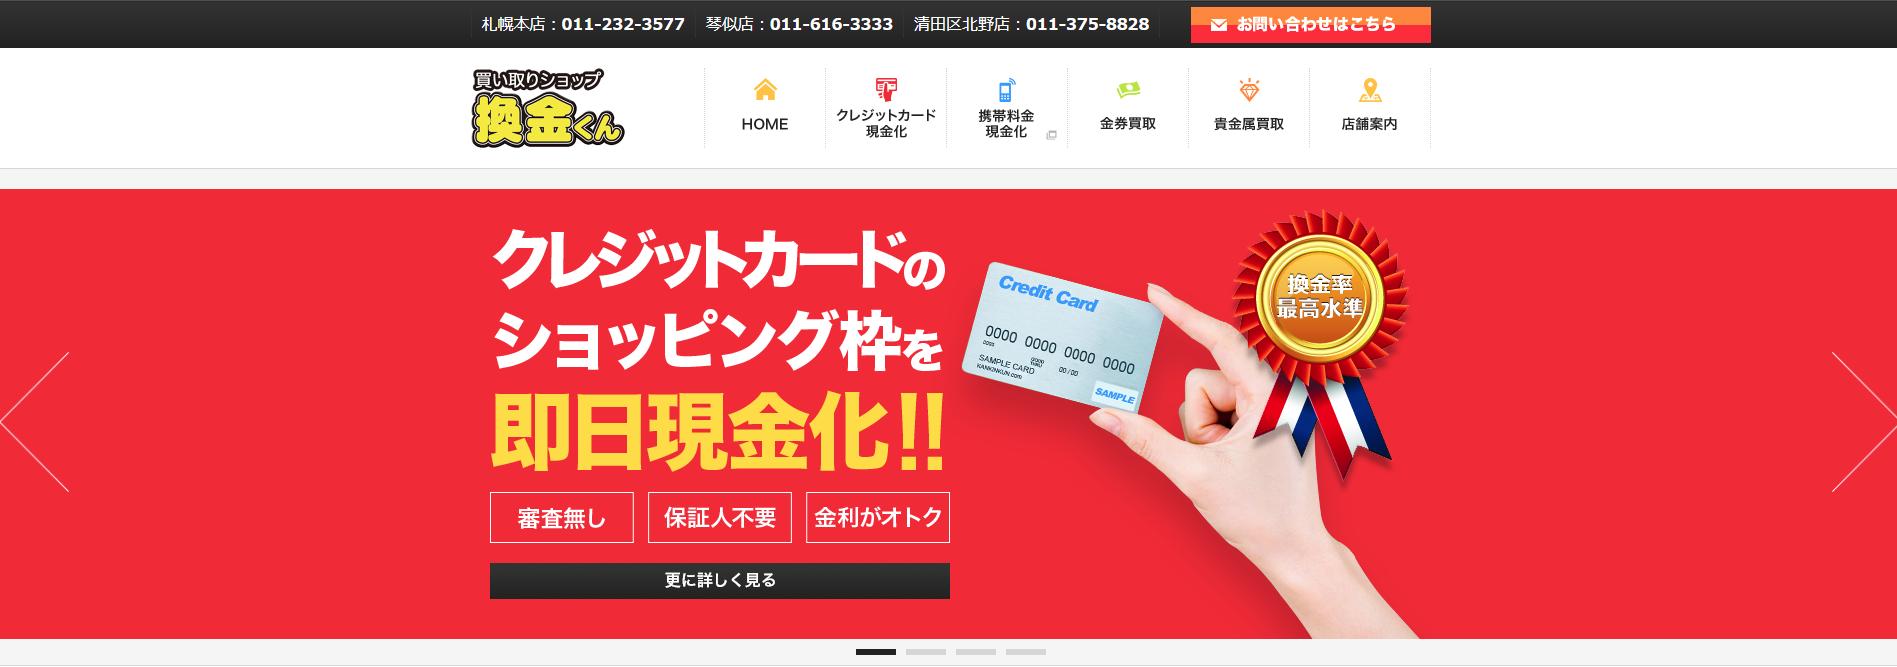 買取ショップ 換金くん(札幌本店)